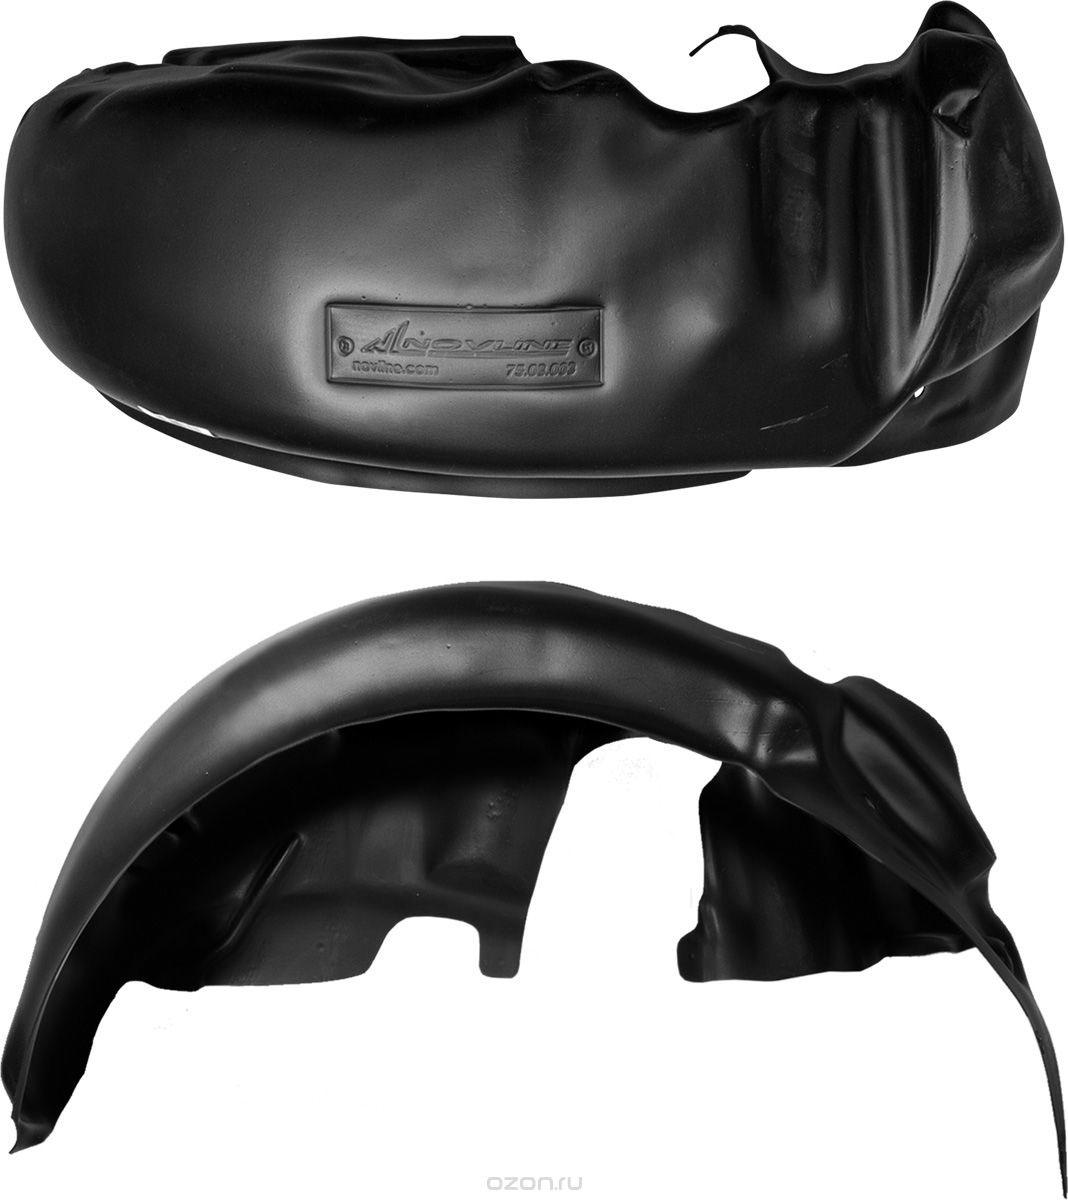 Подкрылок Novline-Autofamily, для DAEWOO Matiz 2005->, задний левый001903Подкрылок Novline-Autofamily - идеальная защита колесной ниши. Локеры разработаны с применением цифровых технологий, гарантируют максимальную повторяемость поверхности арки. Изделия устанавливаются без нарушения лакокрасочного покрытия автомобиля, каждый подкрылок комплектуется крепежом. Уважаемые клиенты, обращаем ваше внимание, что фотографии на подкрылки универсальные и не отражают реальную форму изделия. При этом само изделие идет точно под размер указанного автомобиля.